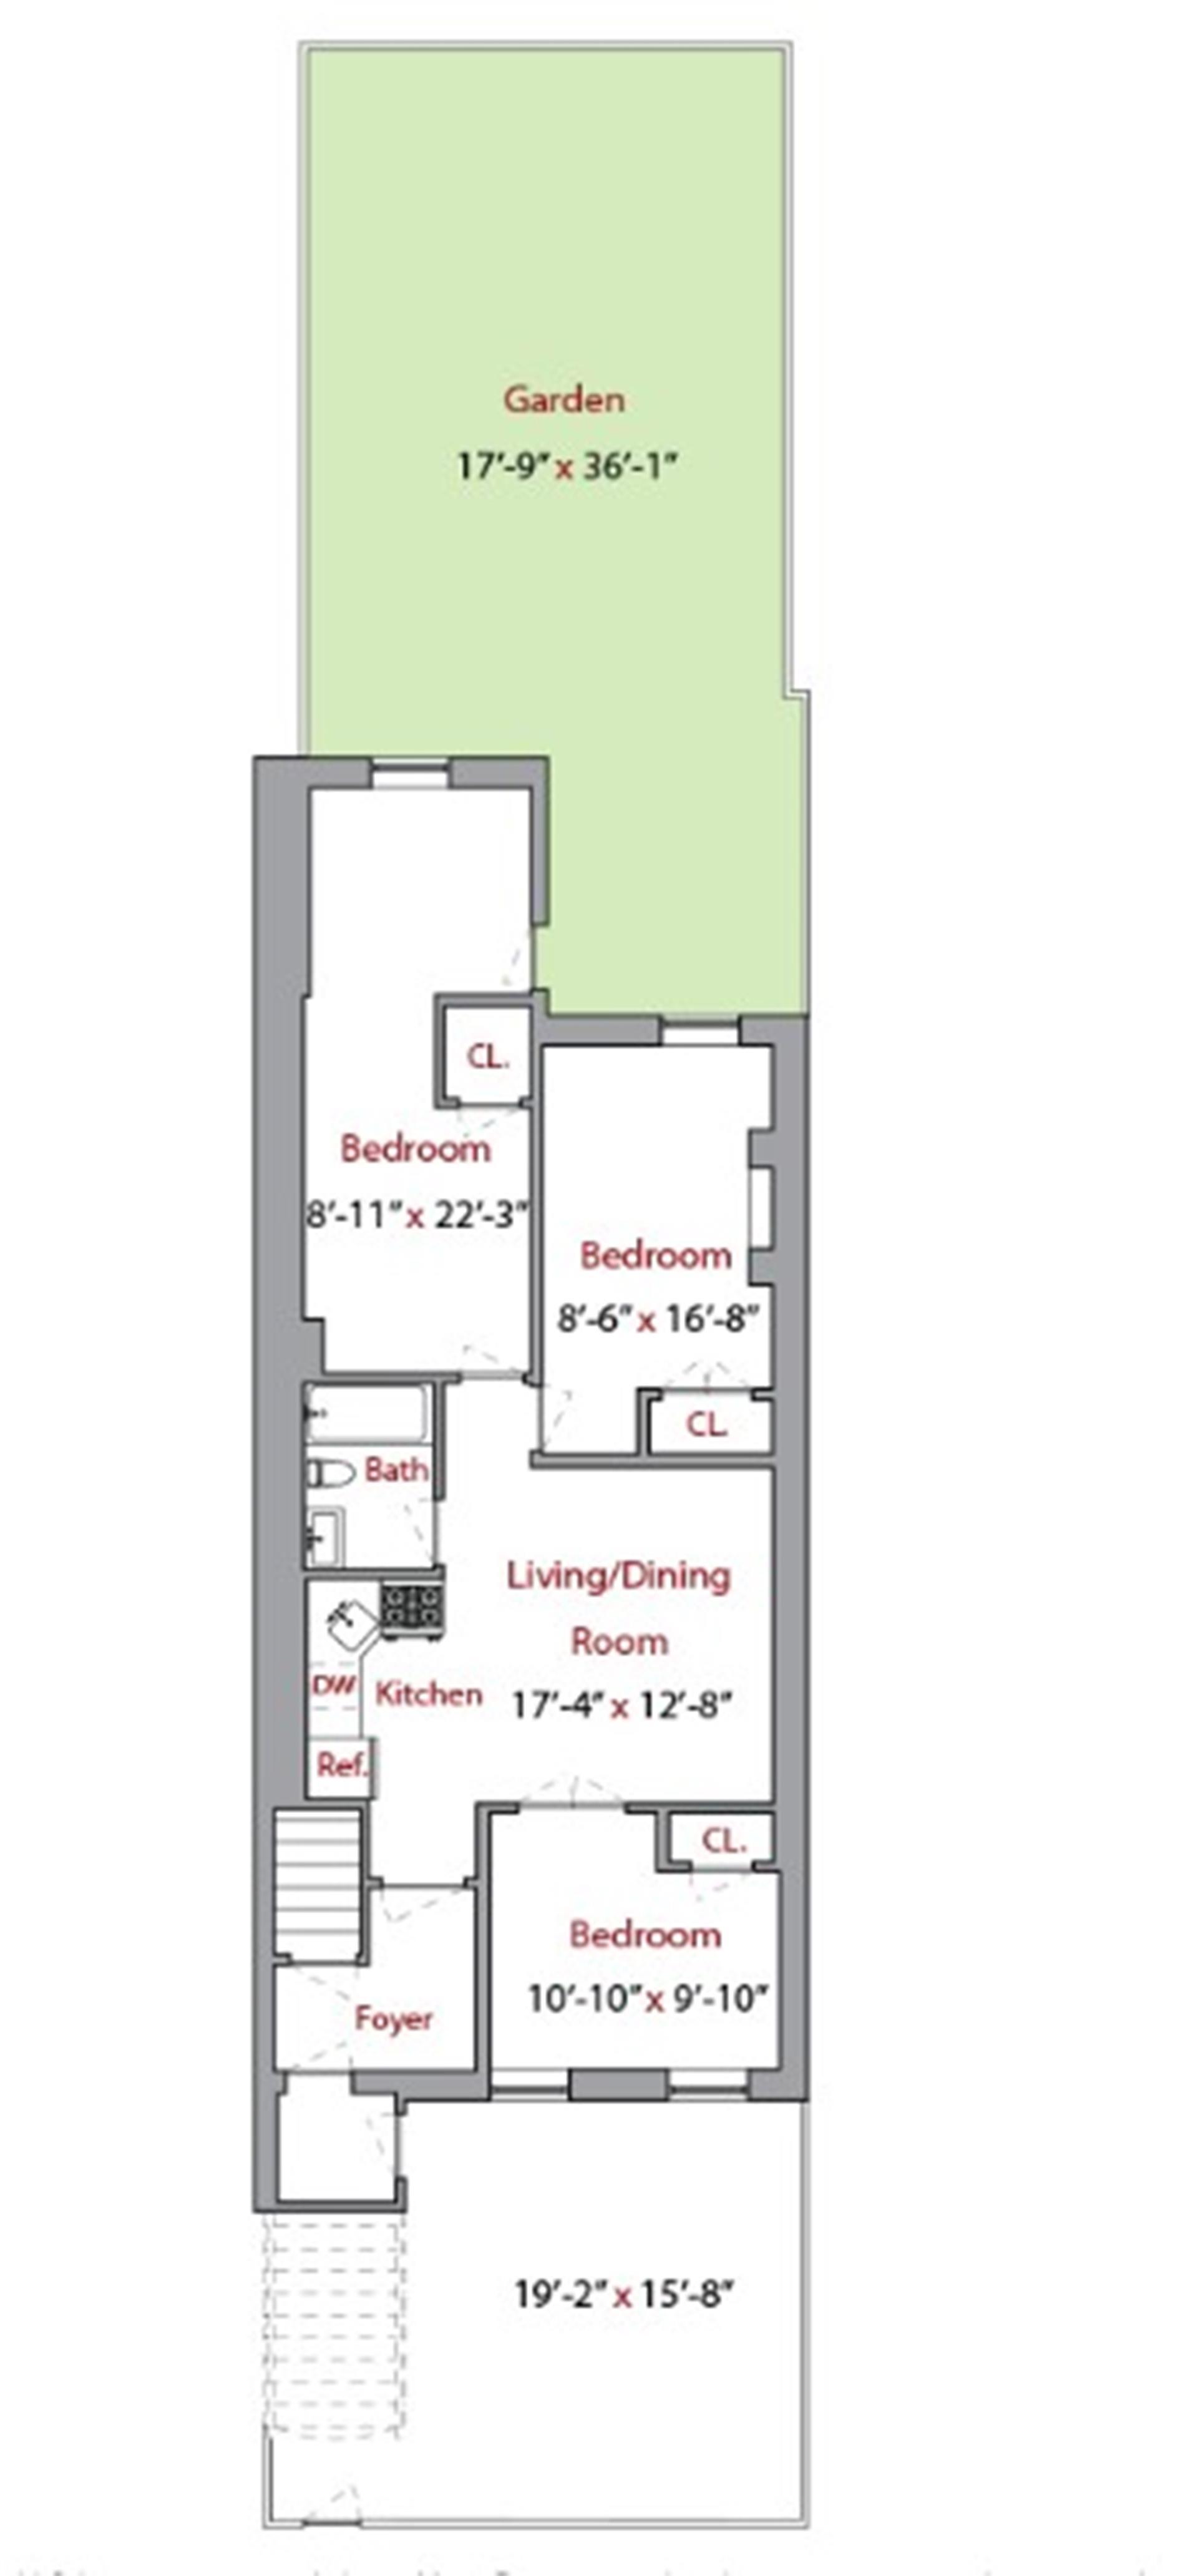 Floor plan of 205 Van Buren St - Bedford - Stuyvesant, New York